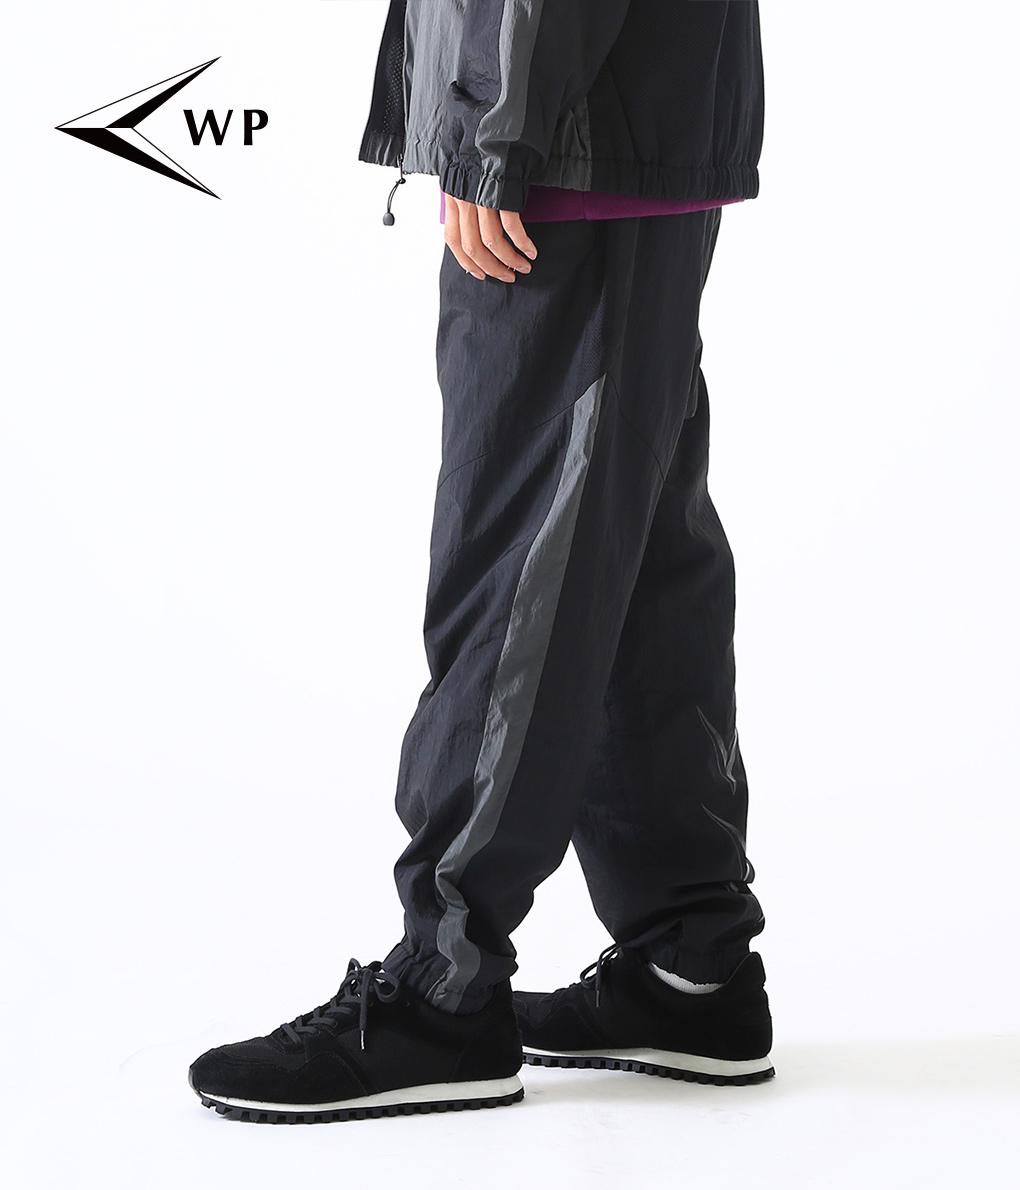 WP / ダブリューピー : WASHER NYLON TRACK PANTS : ウルフパック ウォッシャーナイロン トラックパンツ メンズ ARKnets アークネッツ : WP03-P004【STD】【REA】